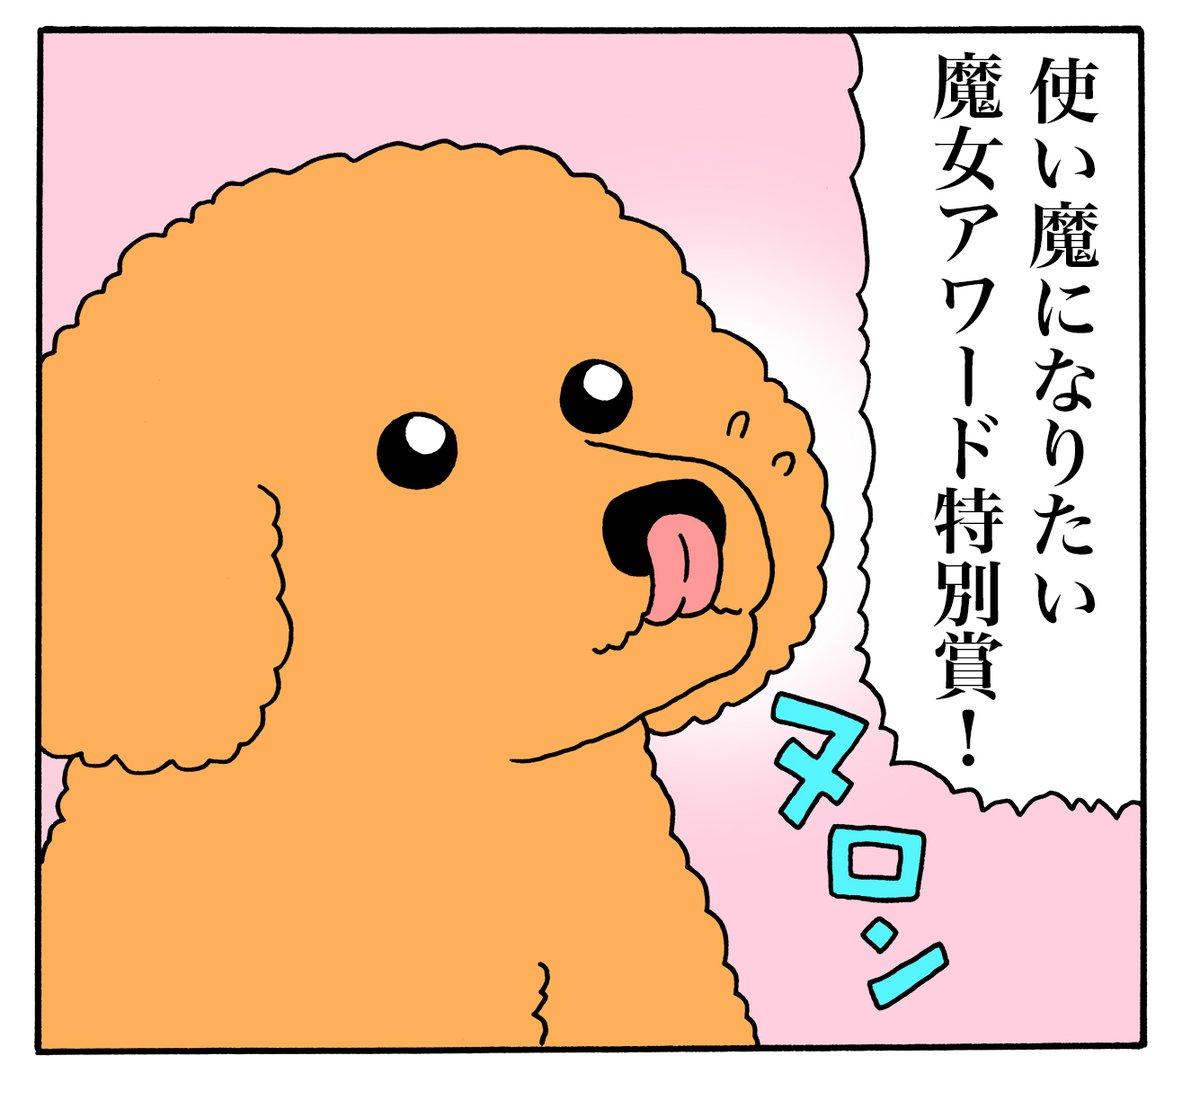 漫画「すず色のモーニャ」の第4話を明日公開予定です!前回のお話はこちらで読めます。→ #すず色のモーニャ